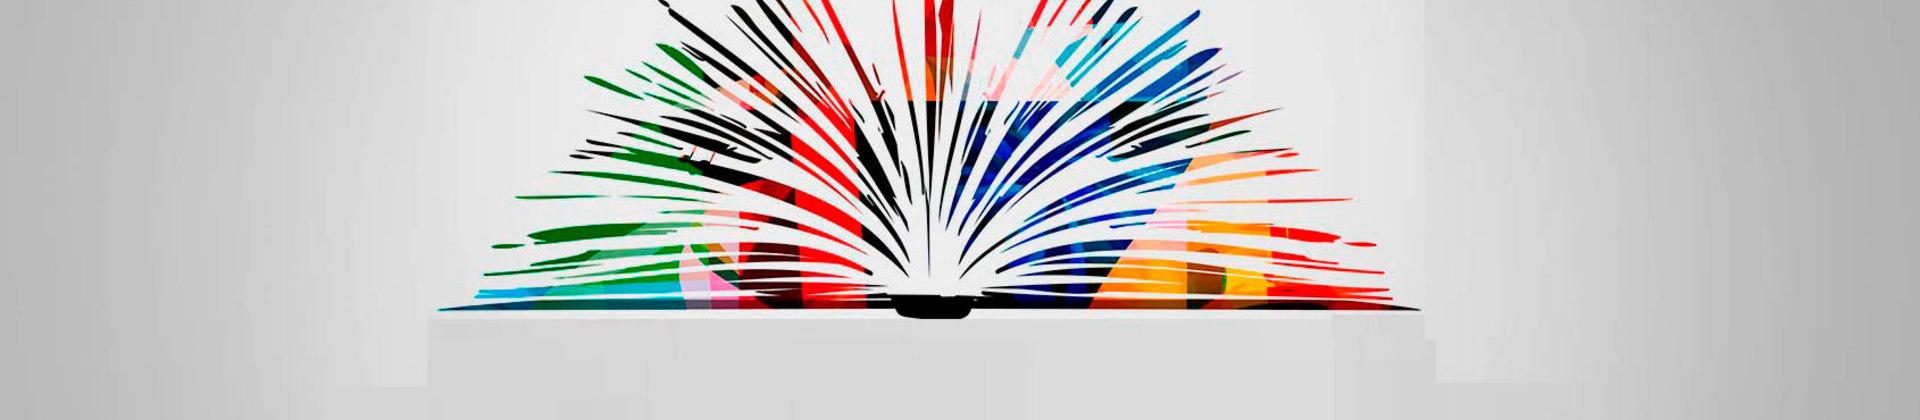 #<School:0x007fc4c8336bb8>-Saiba o que escritores e roteiristas tem a ensinar para publicitários e marketeiros